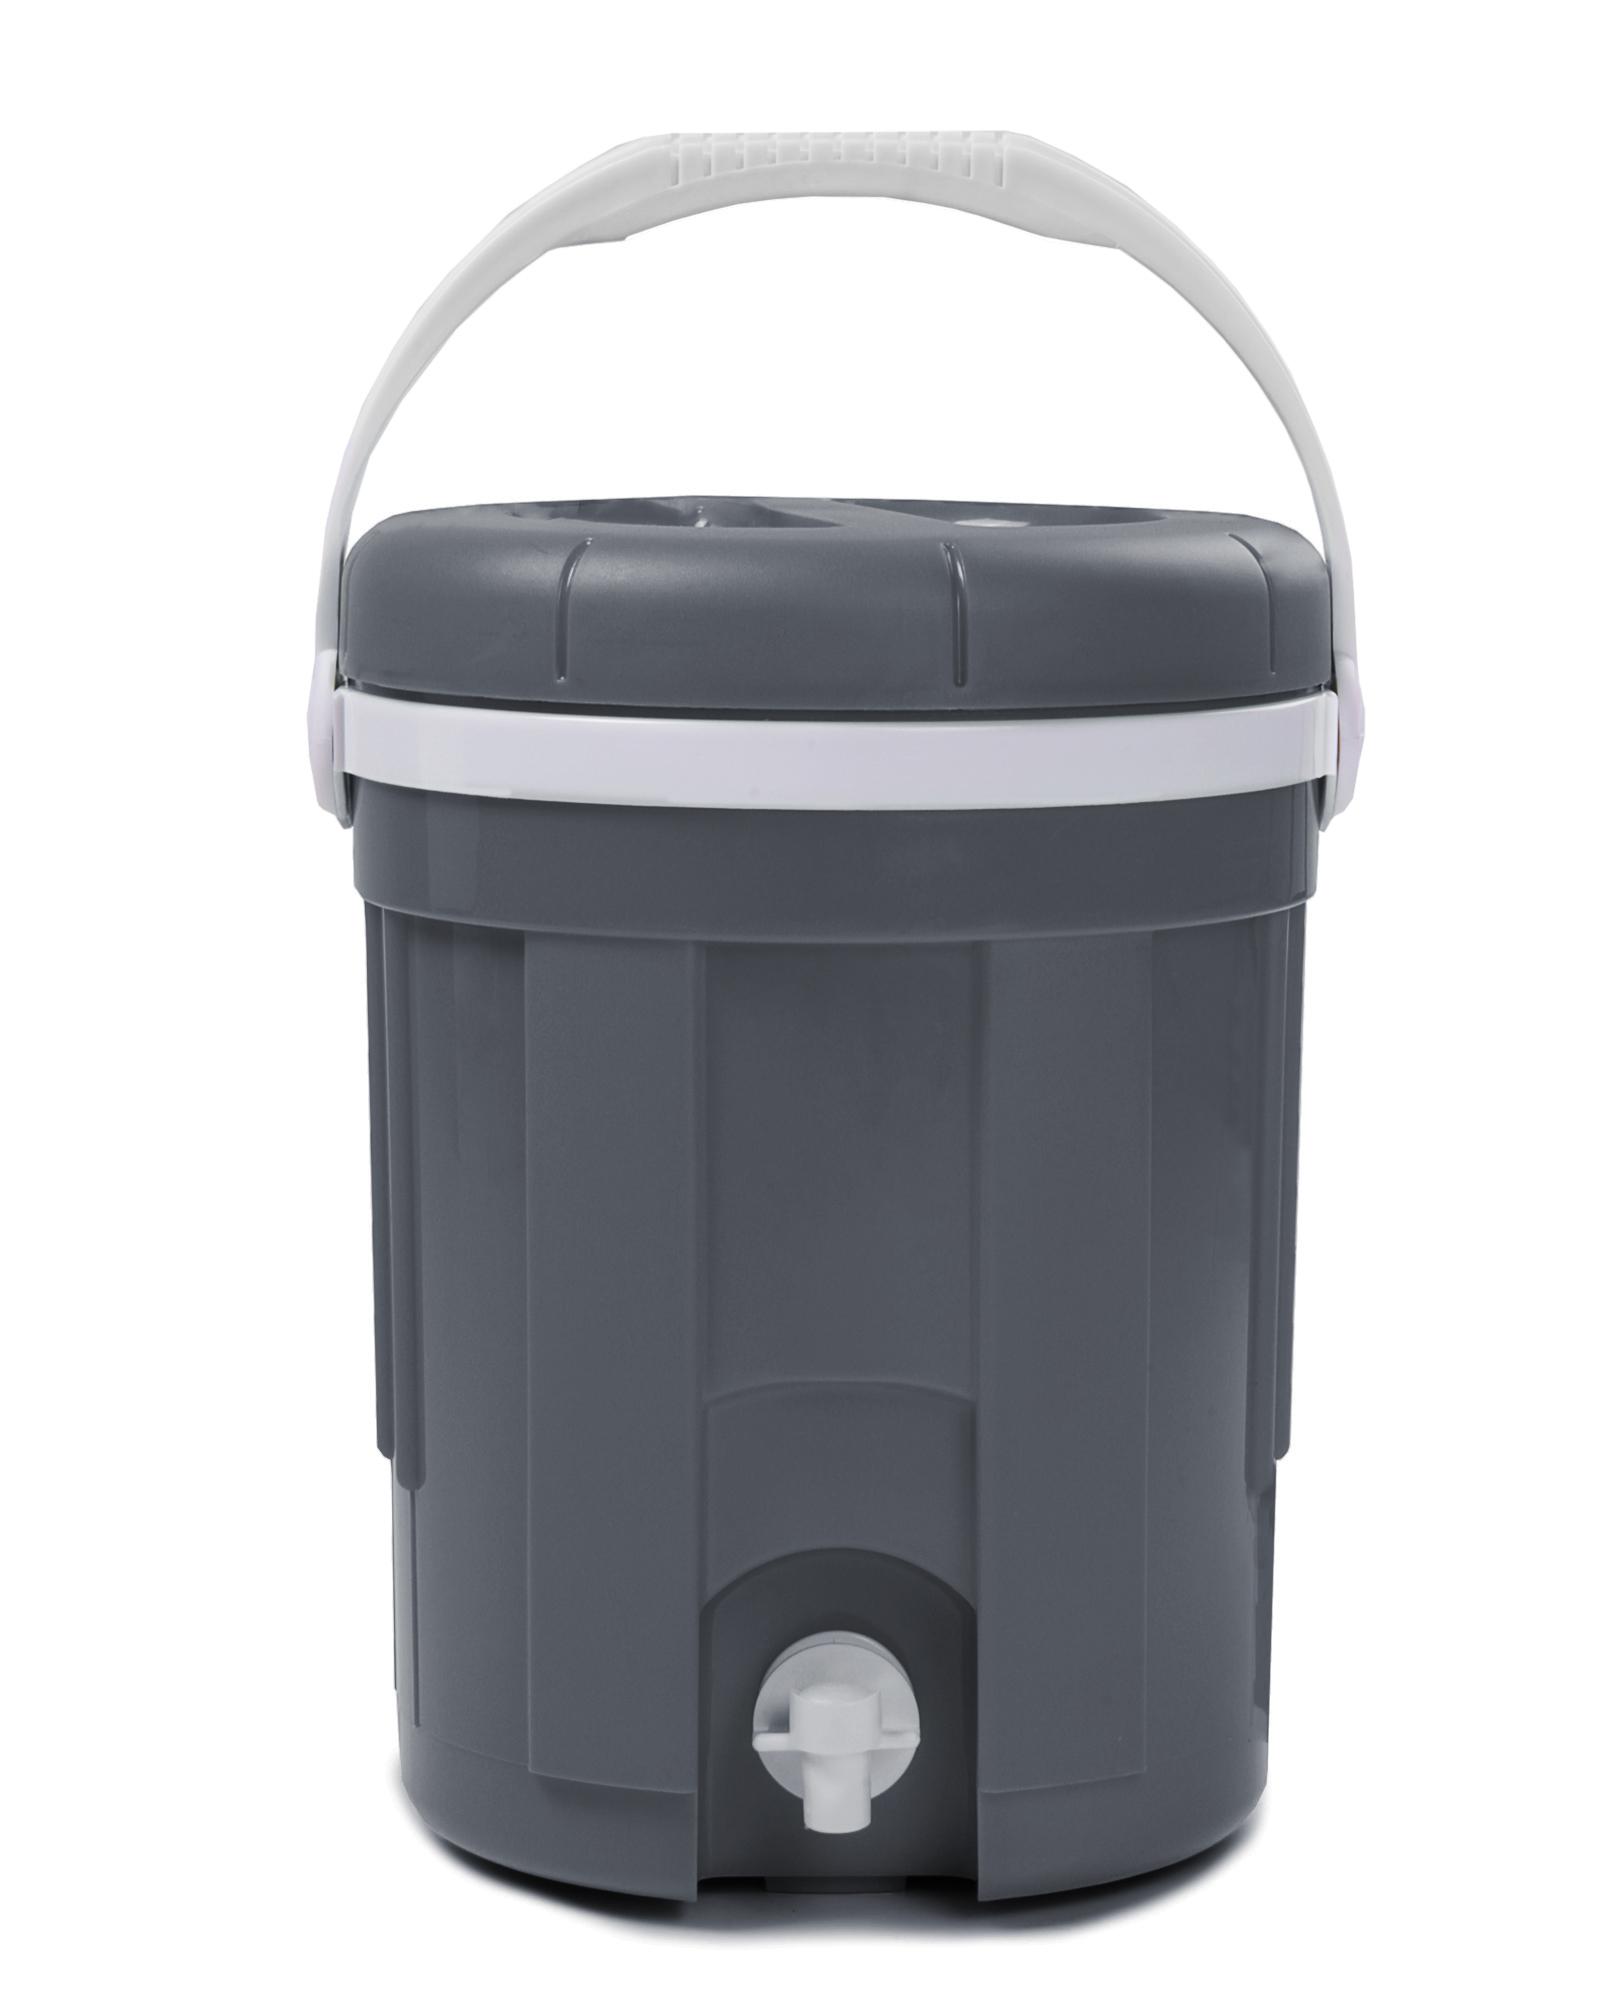 Ondis24 Thermobehälter für Getränke kalt mit Auslaufhahn 4 L günstig ...